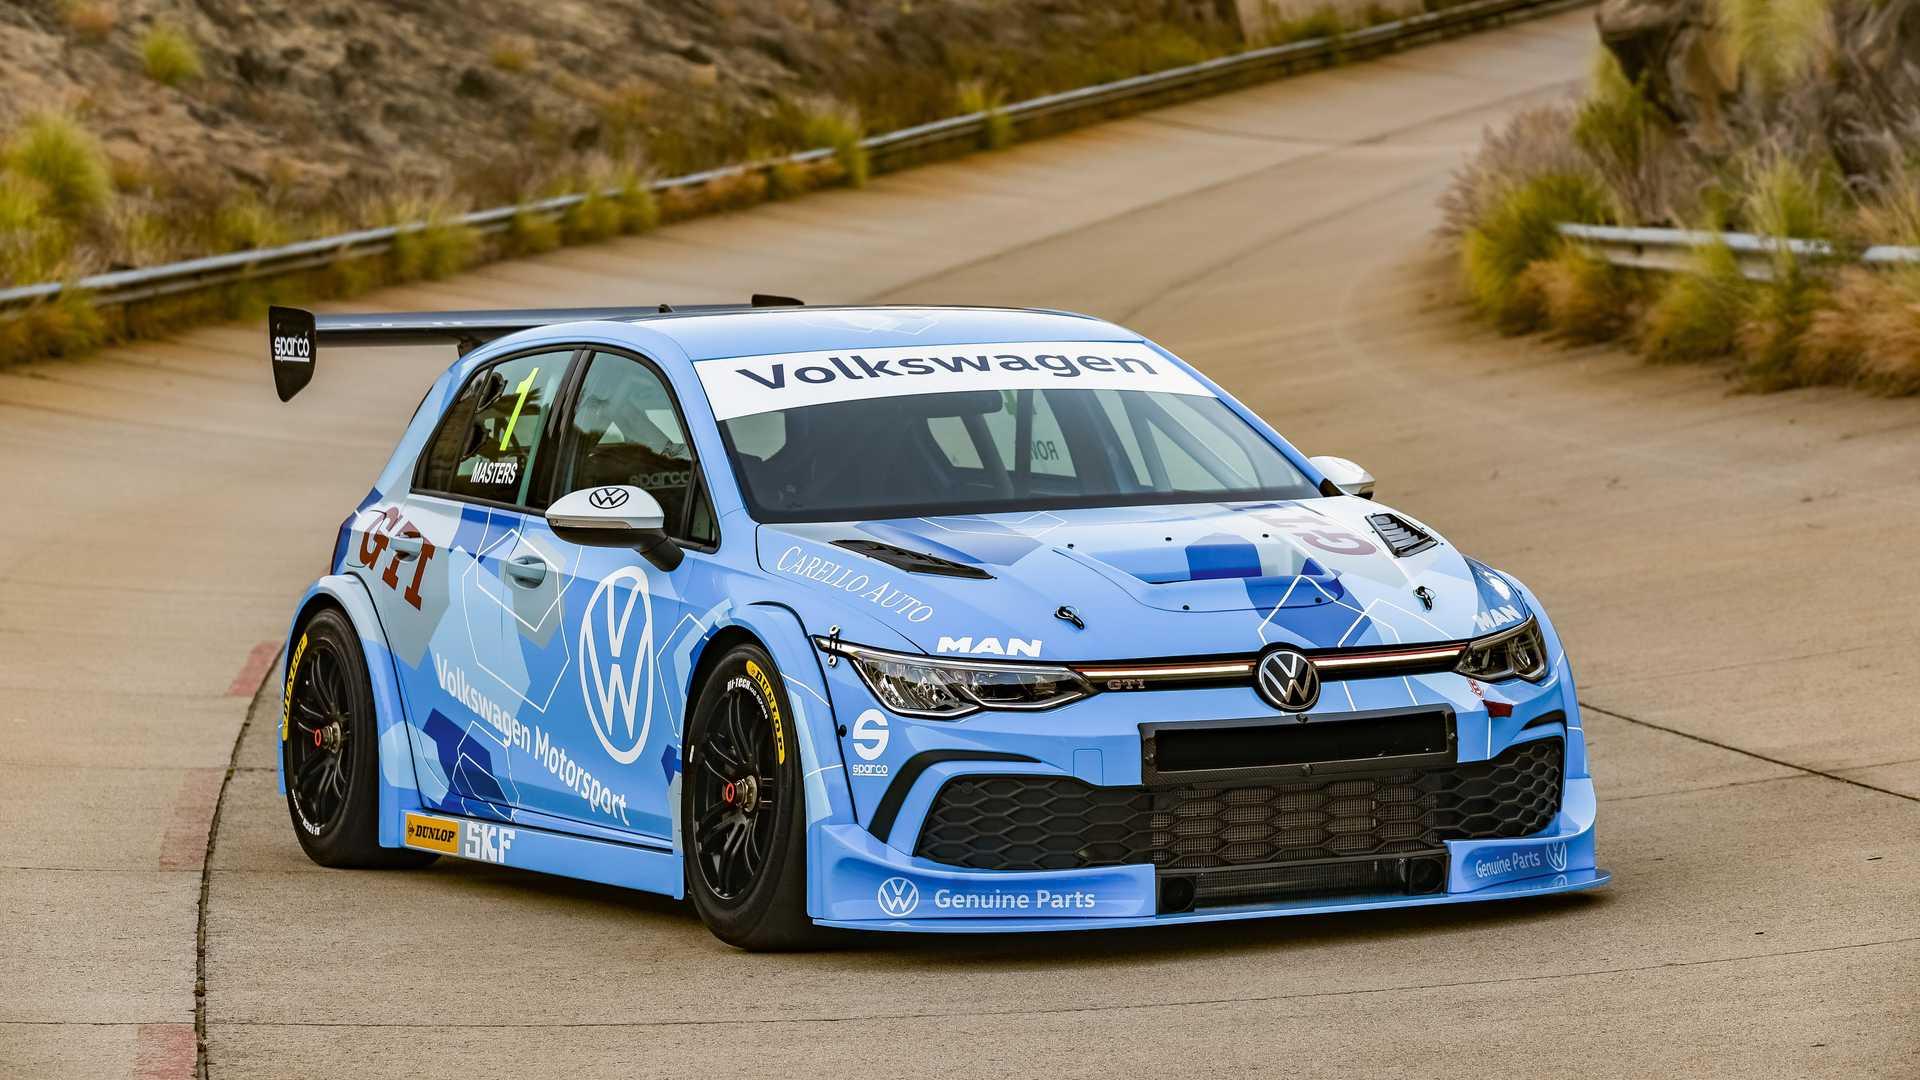 Volkswagen-GTI-GTC-Race-Car-8